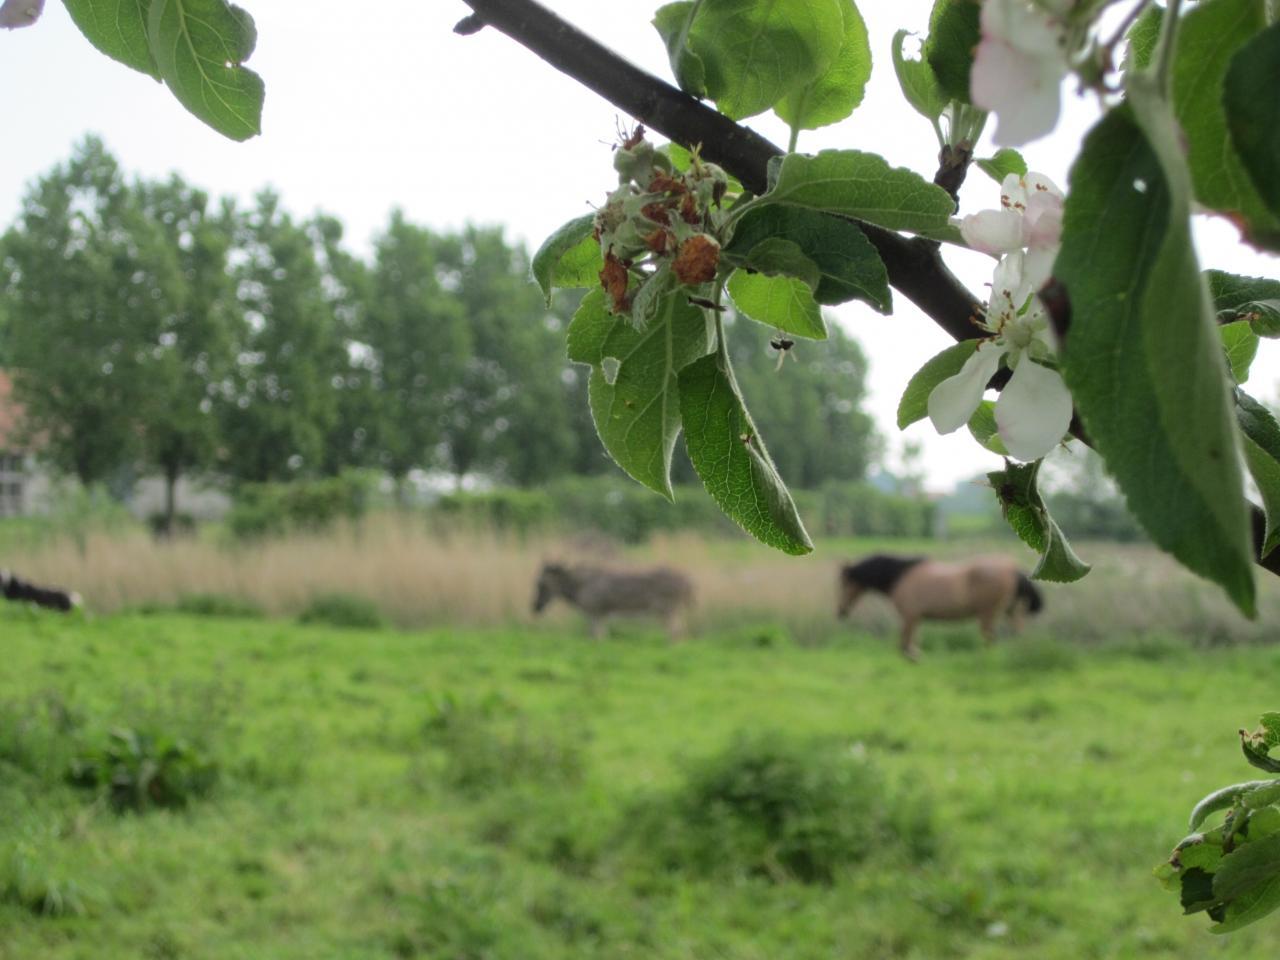 2014-05-01 exteriieur ferme cheaval ane poney